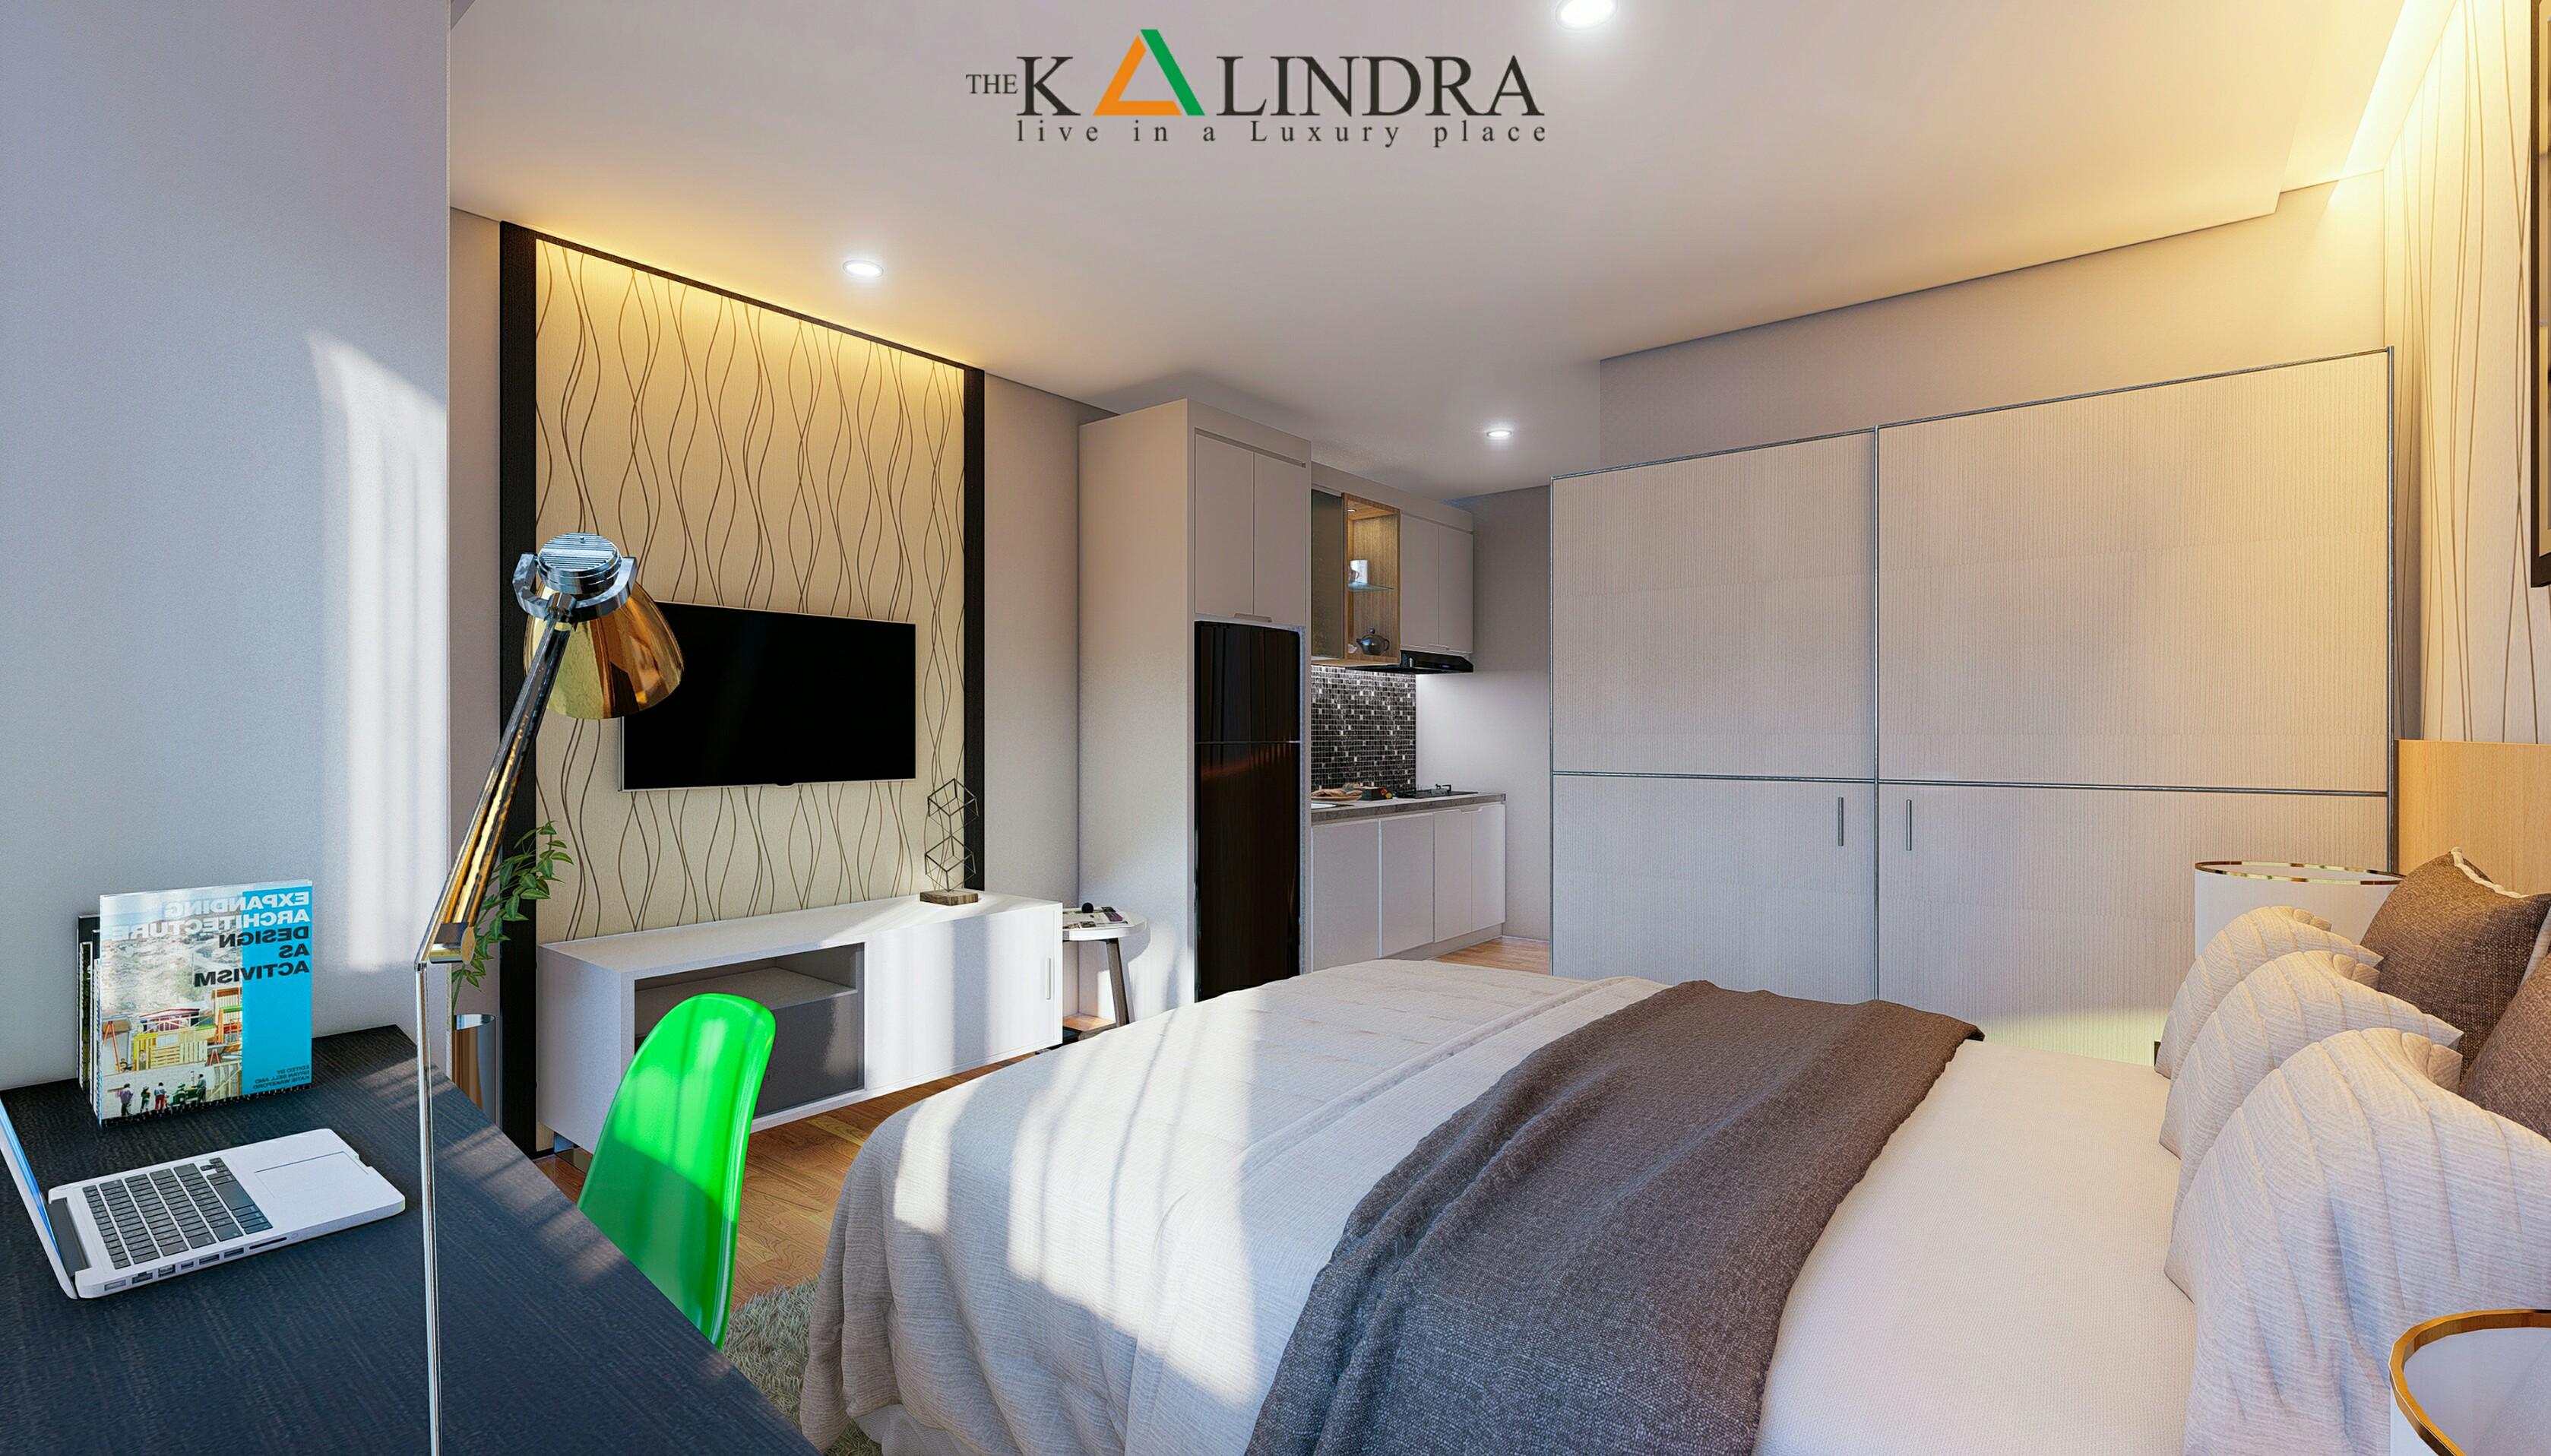 The Kalindra (ist)